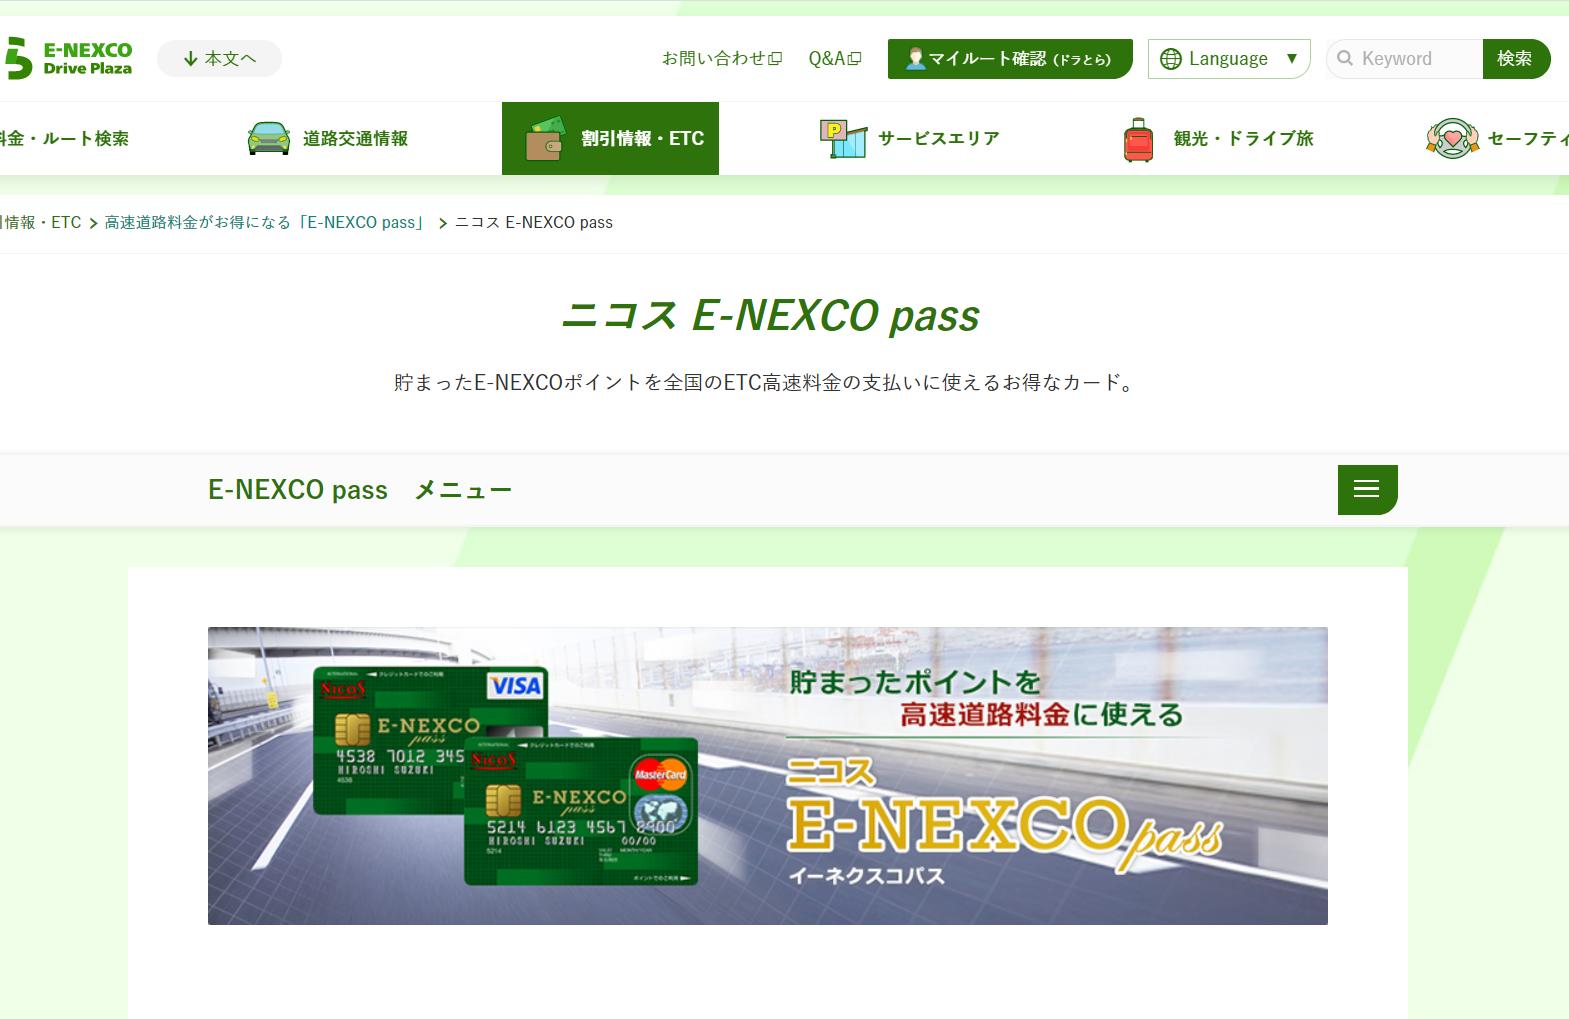 E-NEXCOカードHP画像